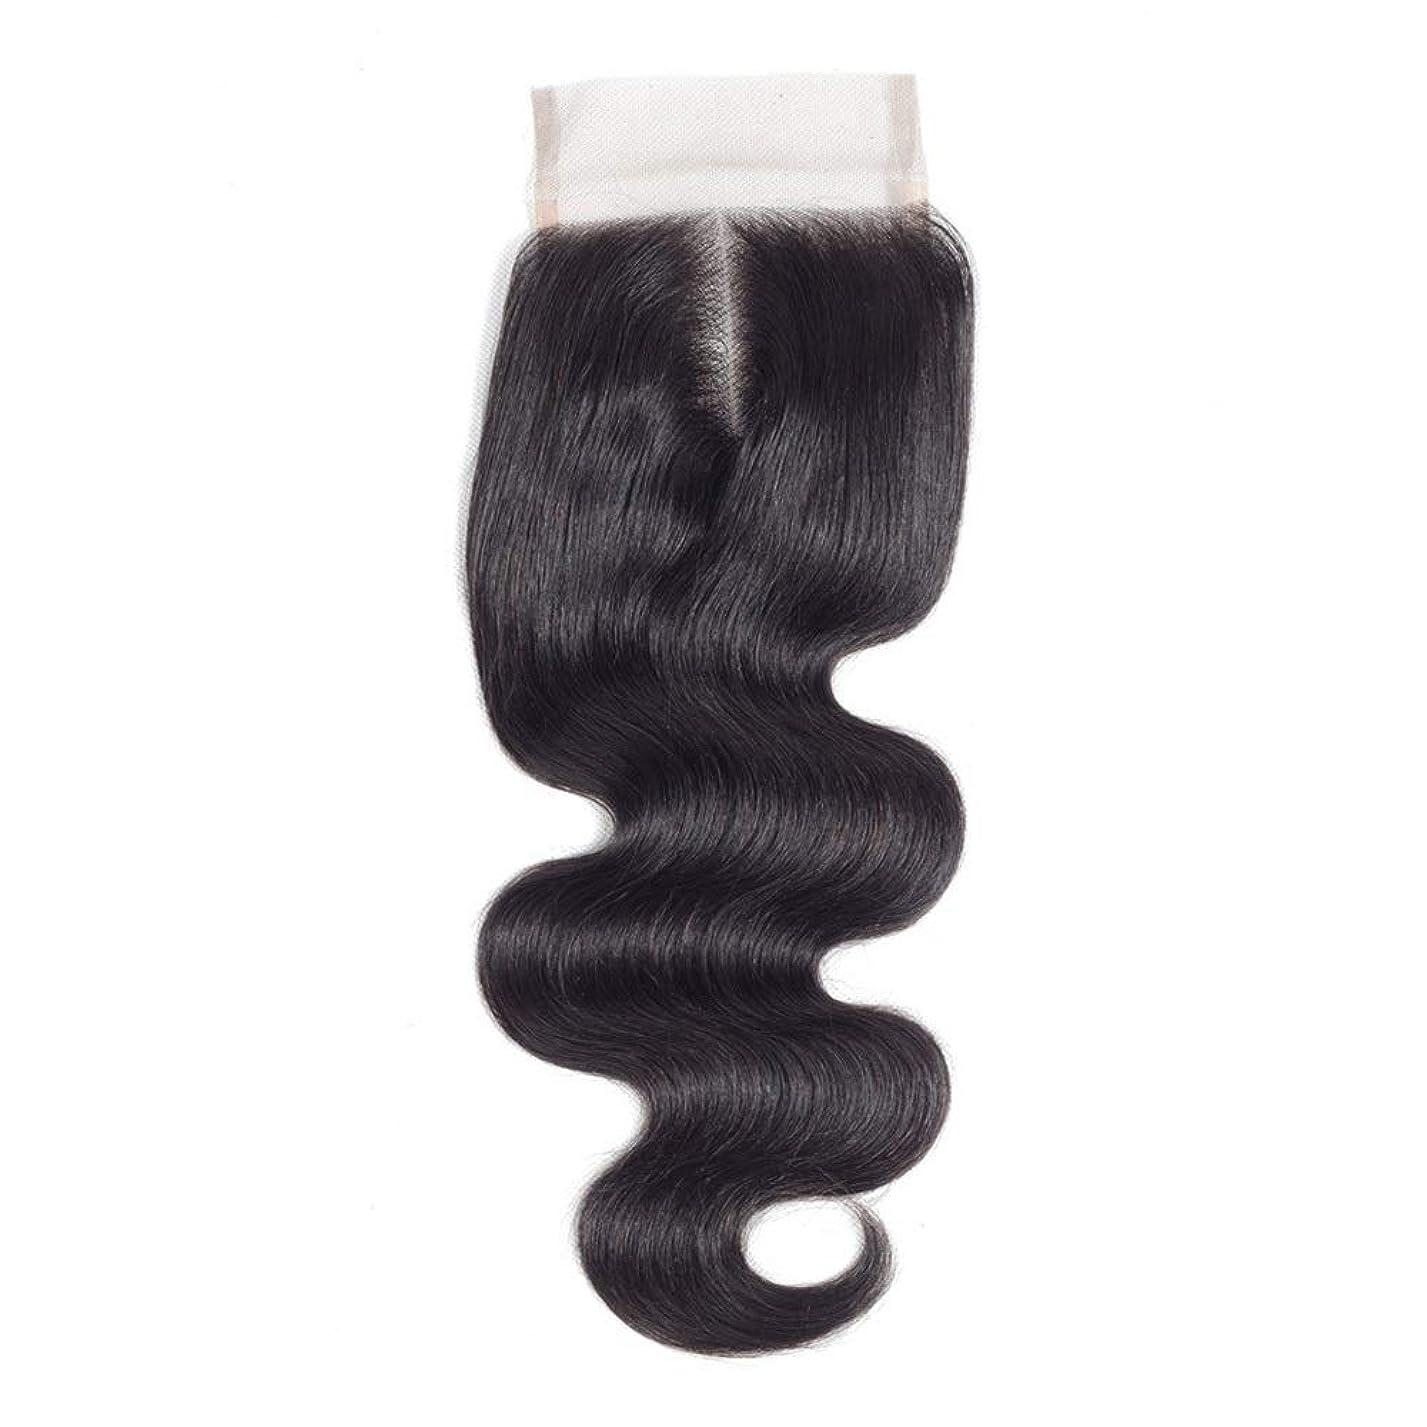 仕立て屋同じタヒチWASAIO ブラジルのボディウェーブ女性の人間Veridicalヘアエクステンションクリップのシームレスな髪型4x4のレースフロンタル閉鎖センター別れ(8インチ?20インチ) (色 : 黒, サイズ : 10 inch)